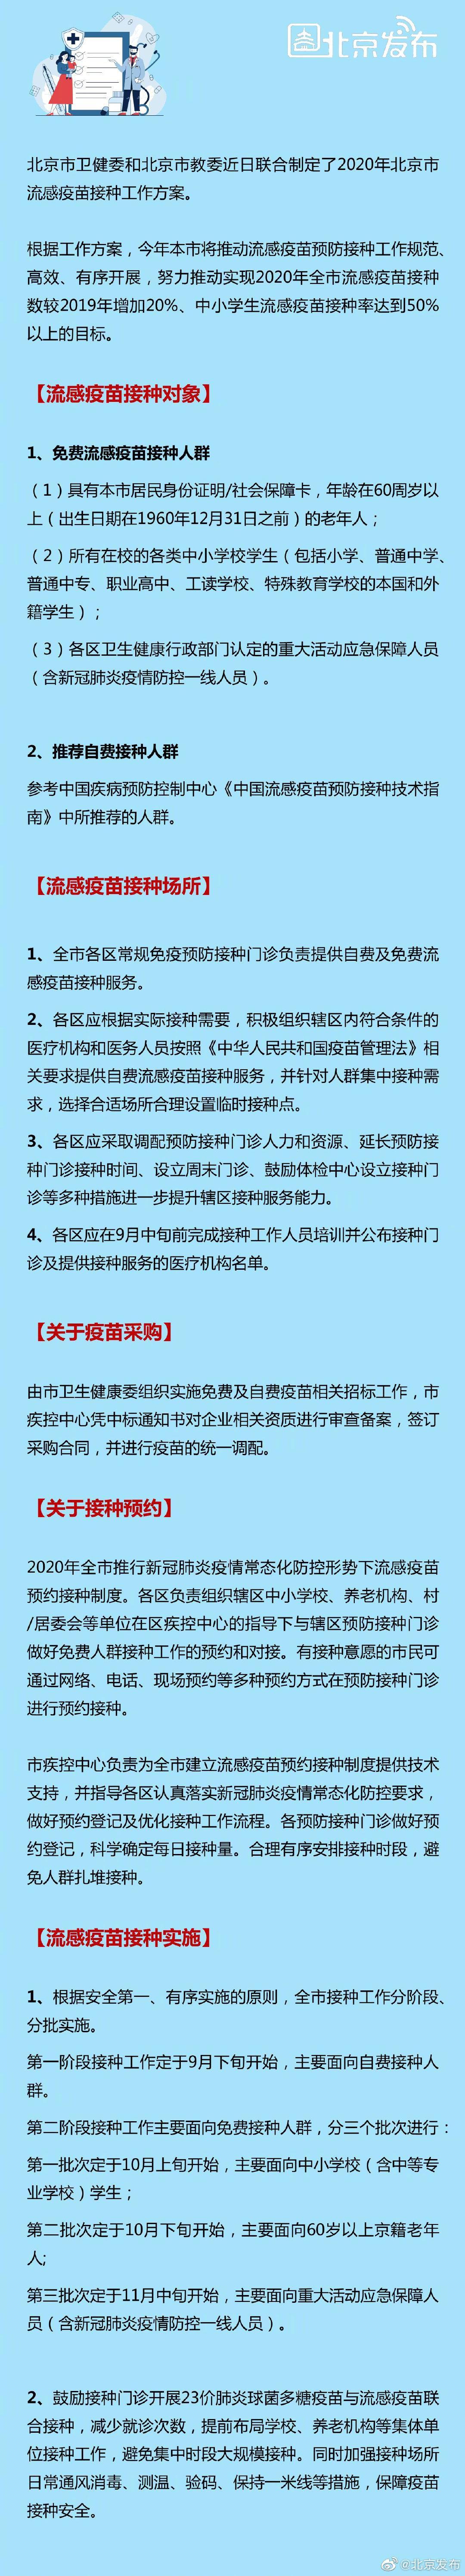 北京流感疫苗接种工作方案:户籍老人、中小学生免费